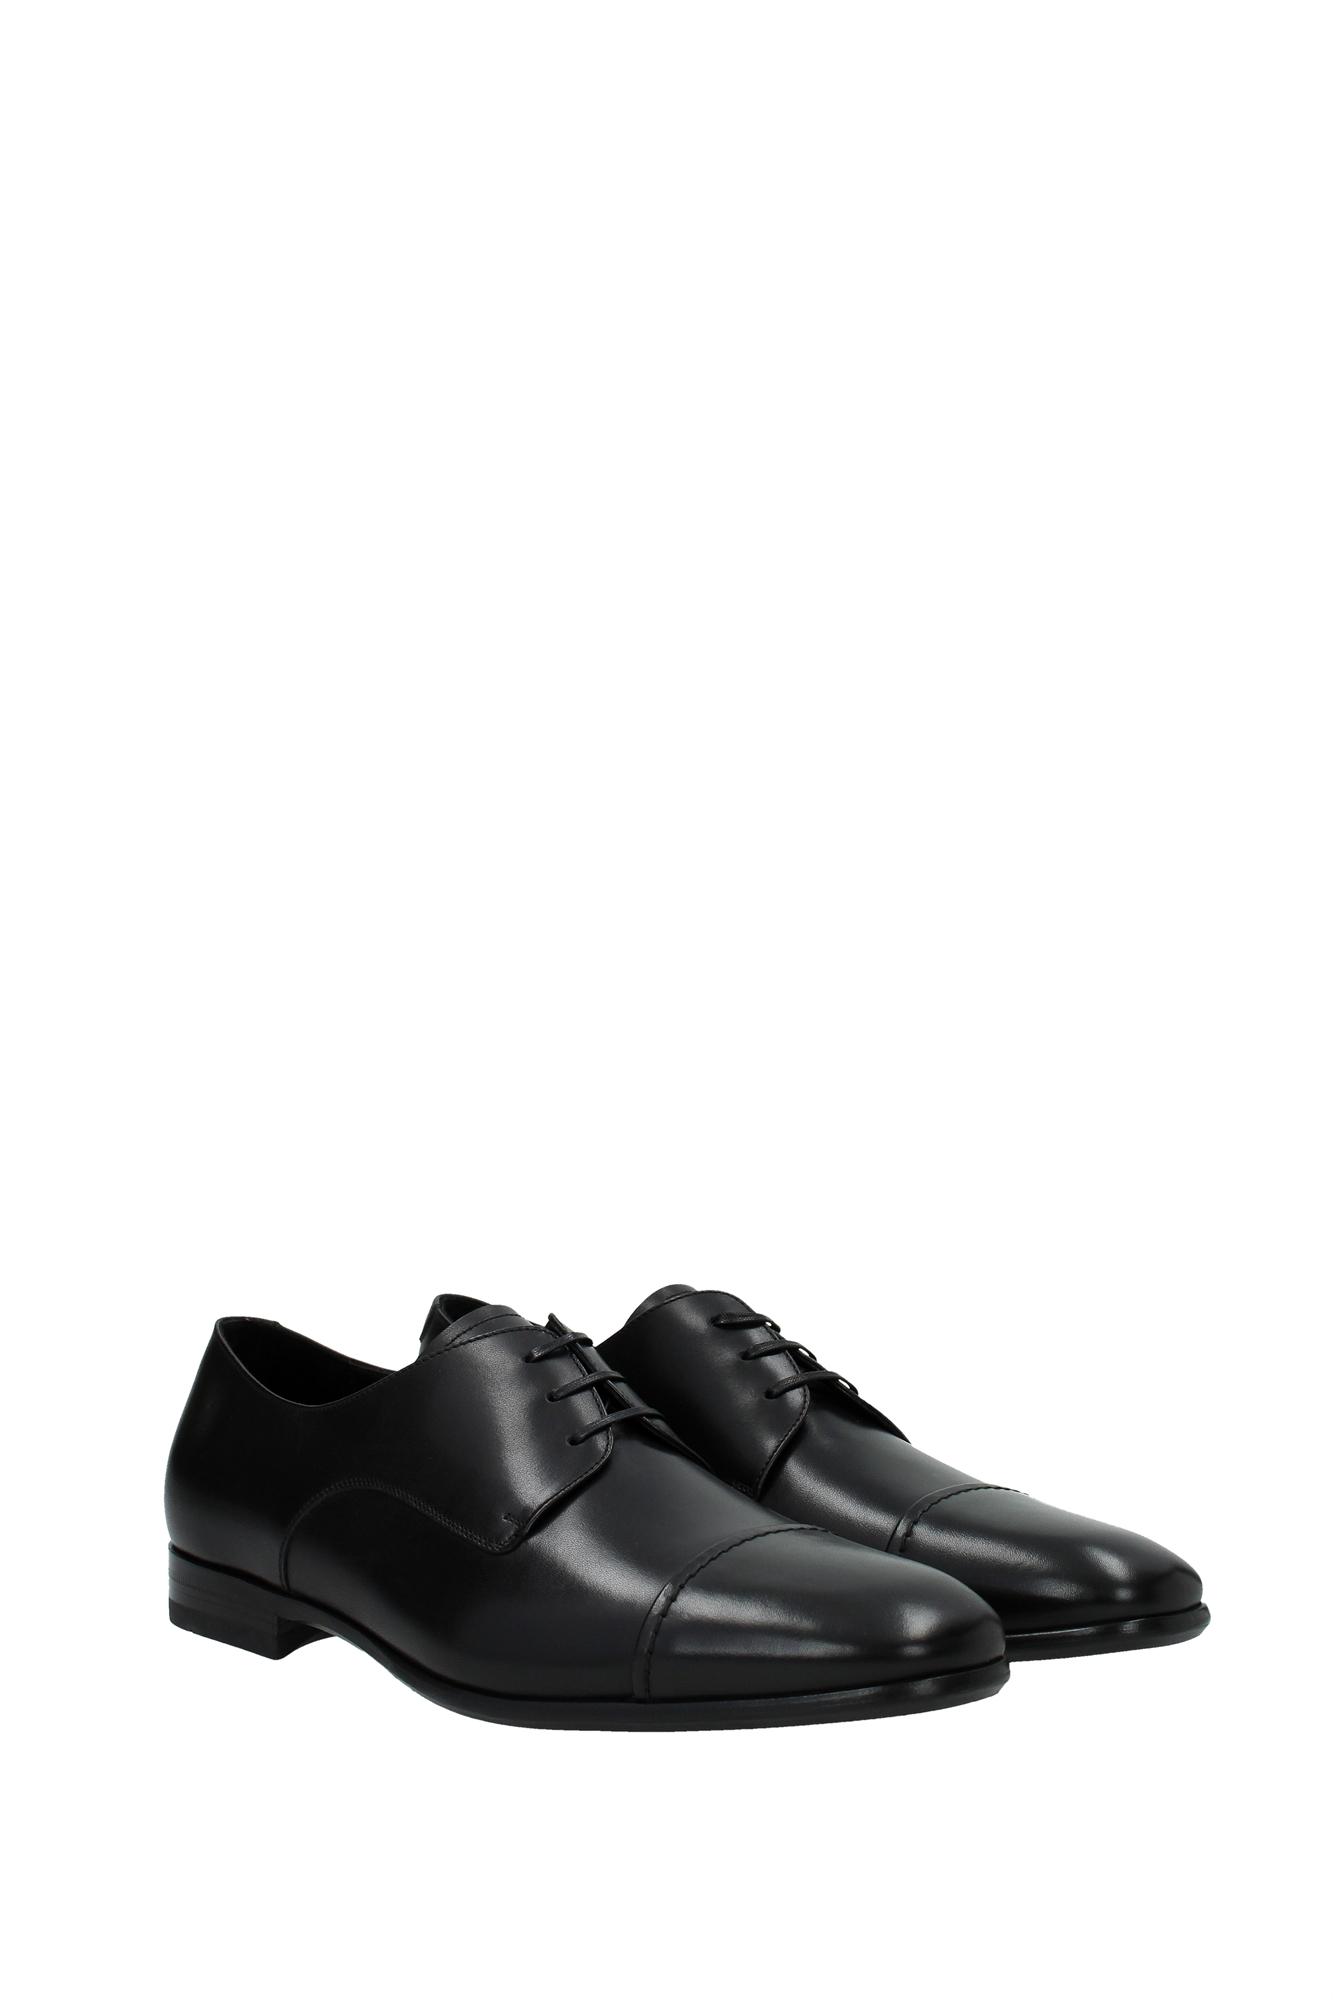 lace up shoes salvatore ferragamo leather black